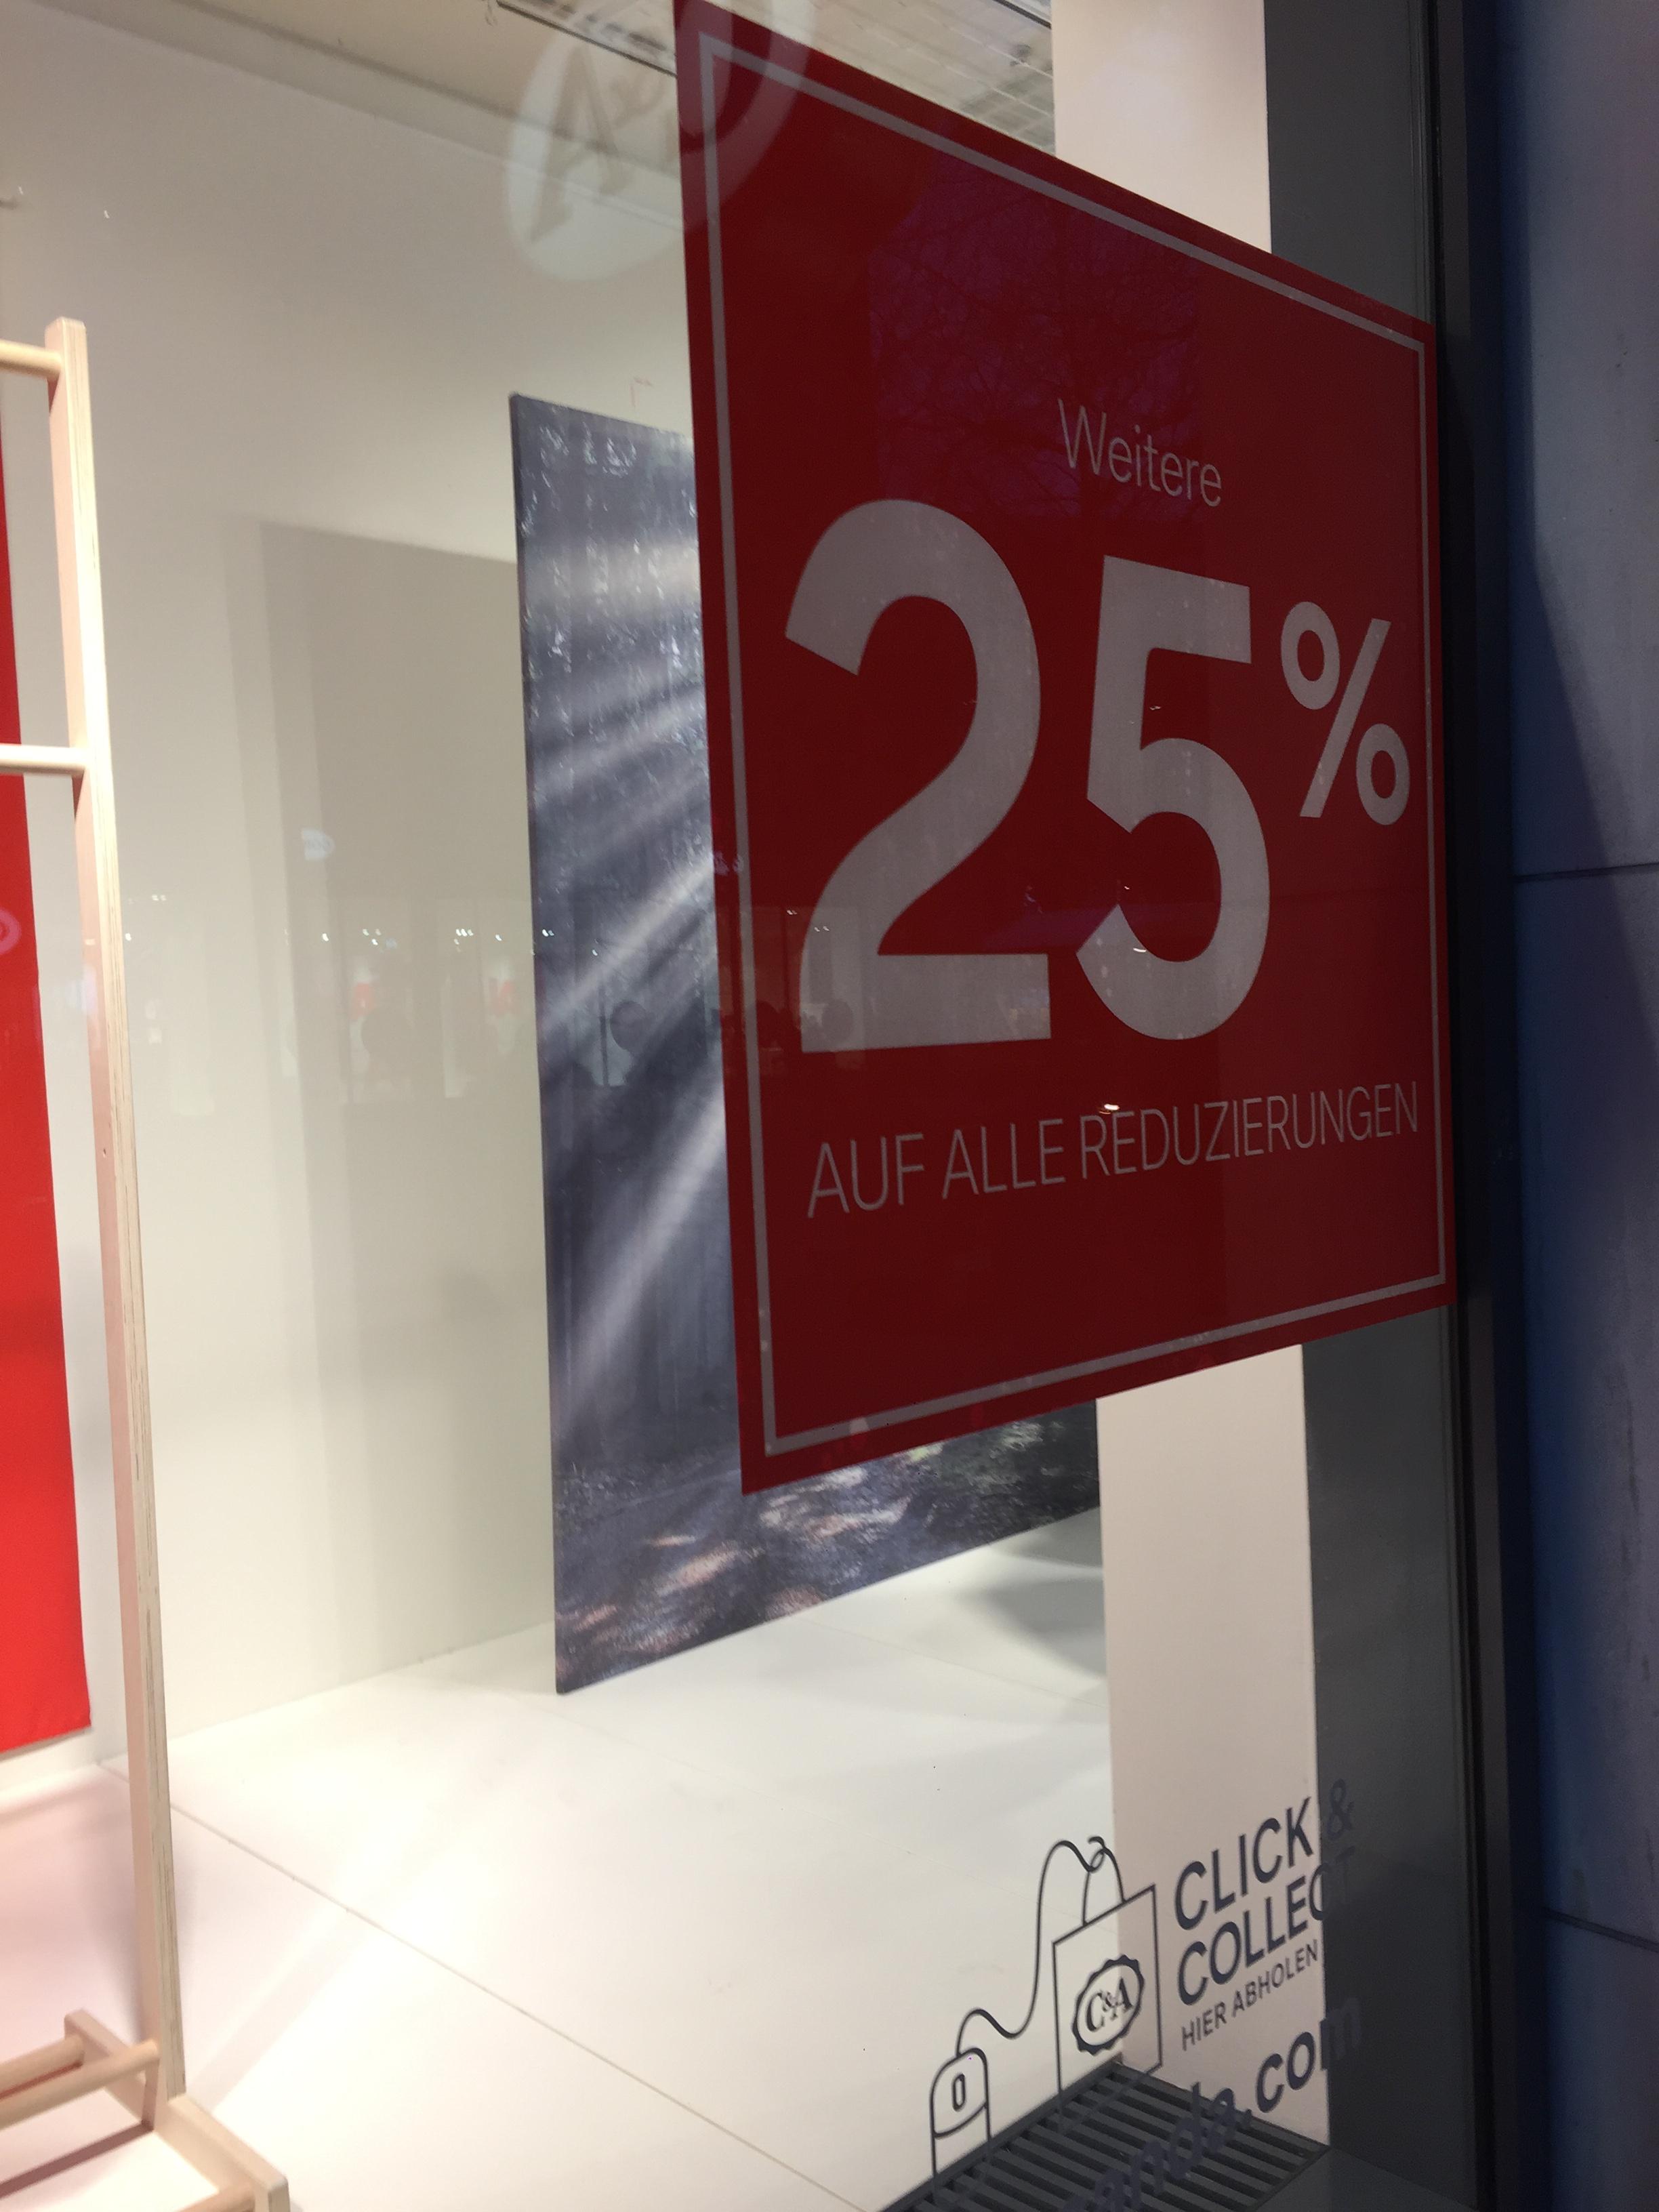 WSV bei C&A - 25% auf bereits reduzierte Ware (offline)